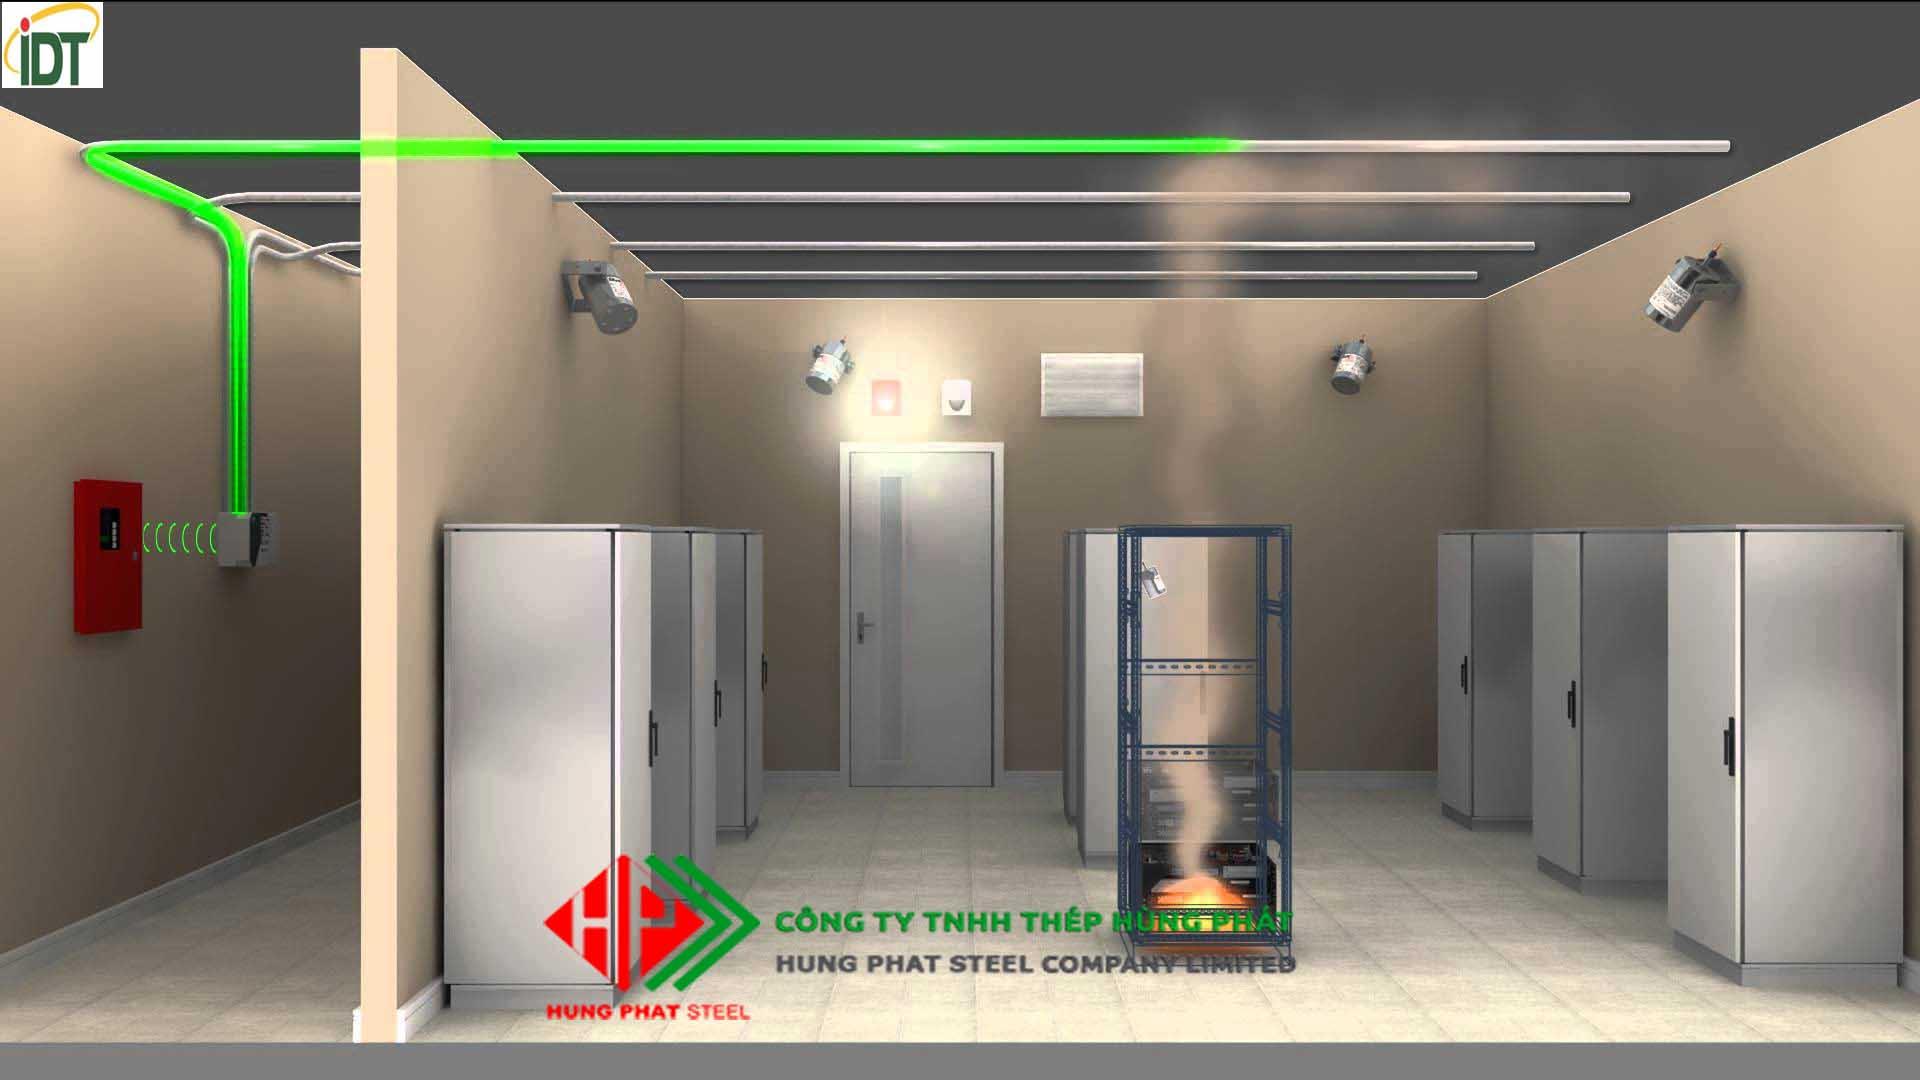 Hệ thống chữa cháy tự động Stat-X